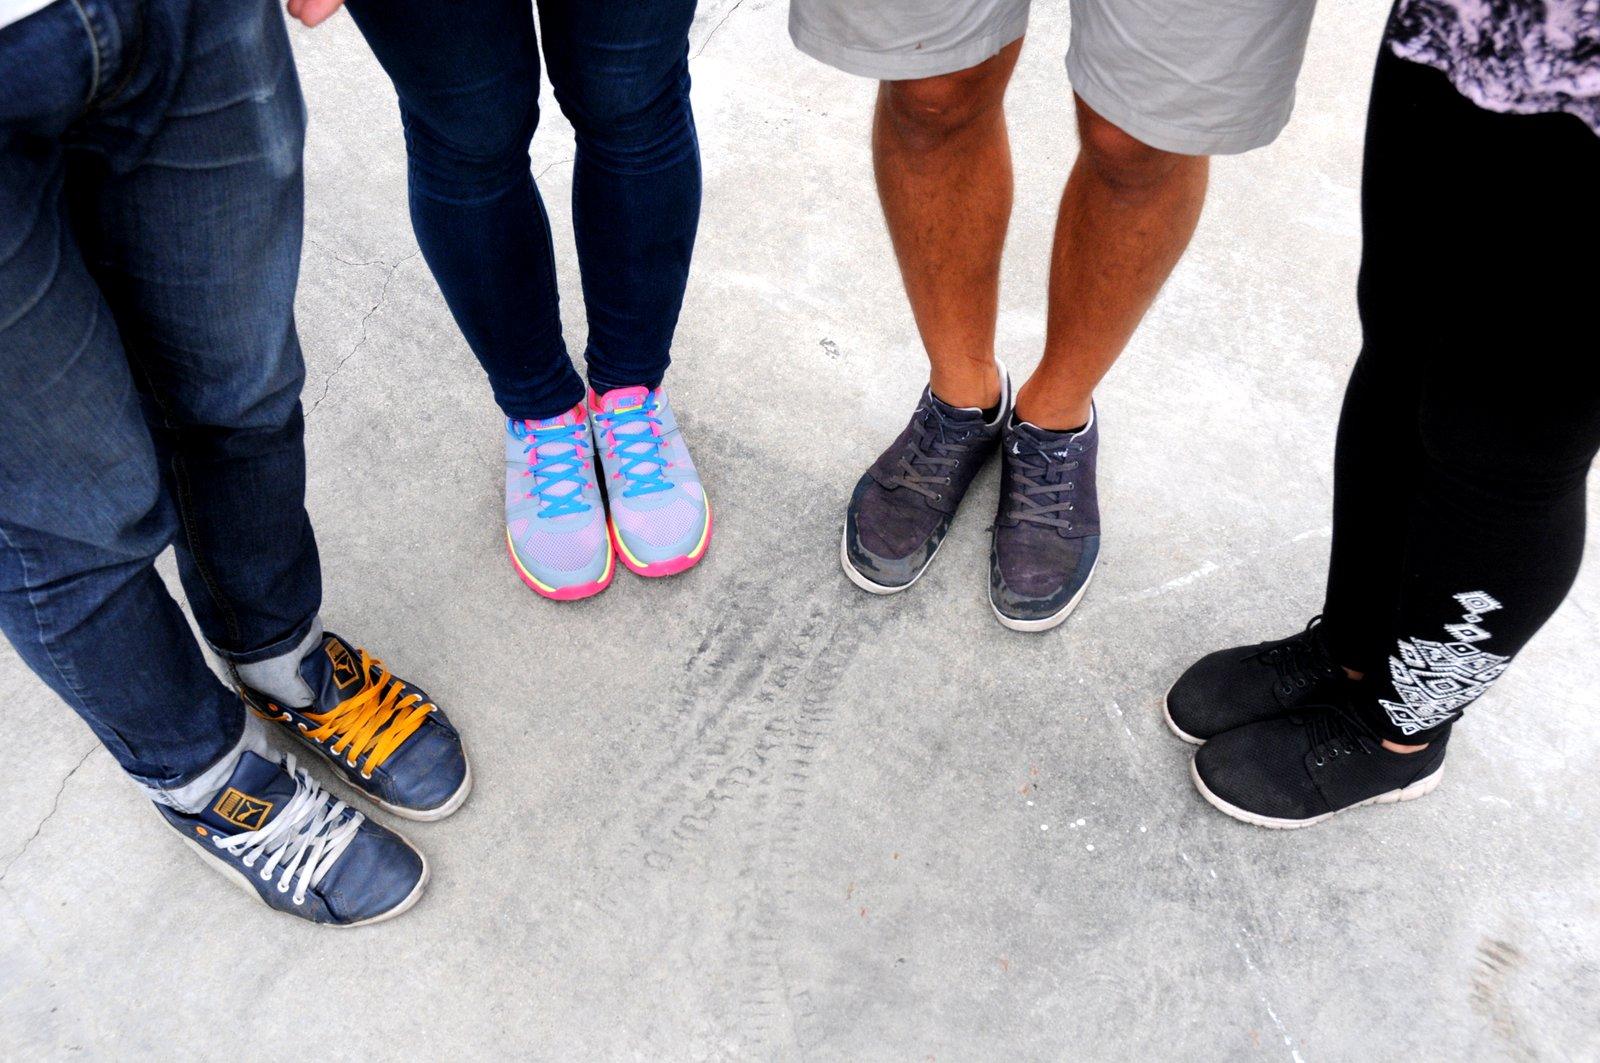 Denes, Eszter, Akos & Csenge's feet!